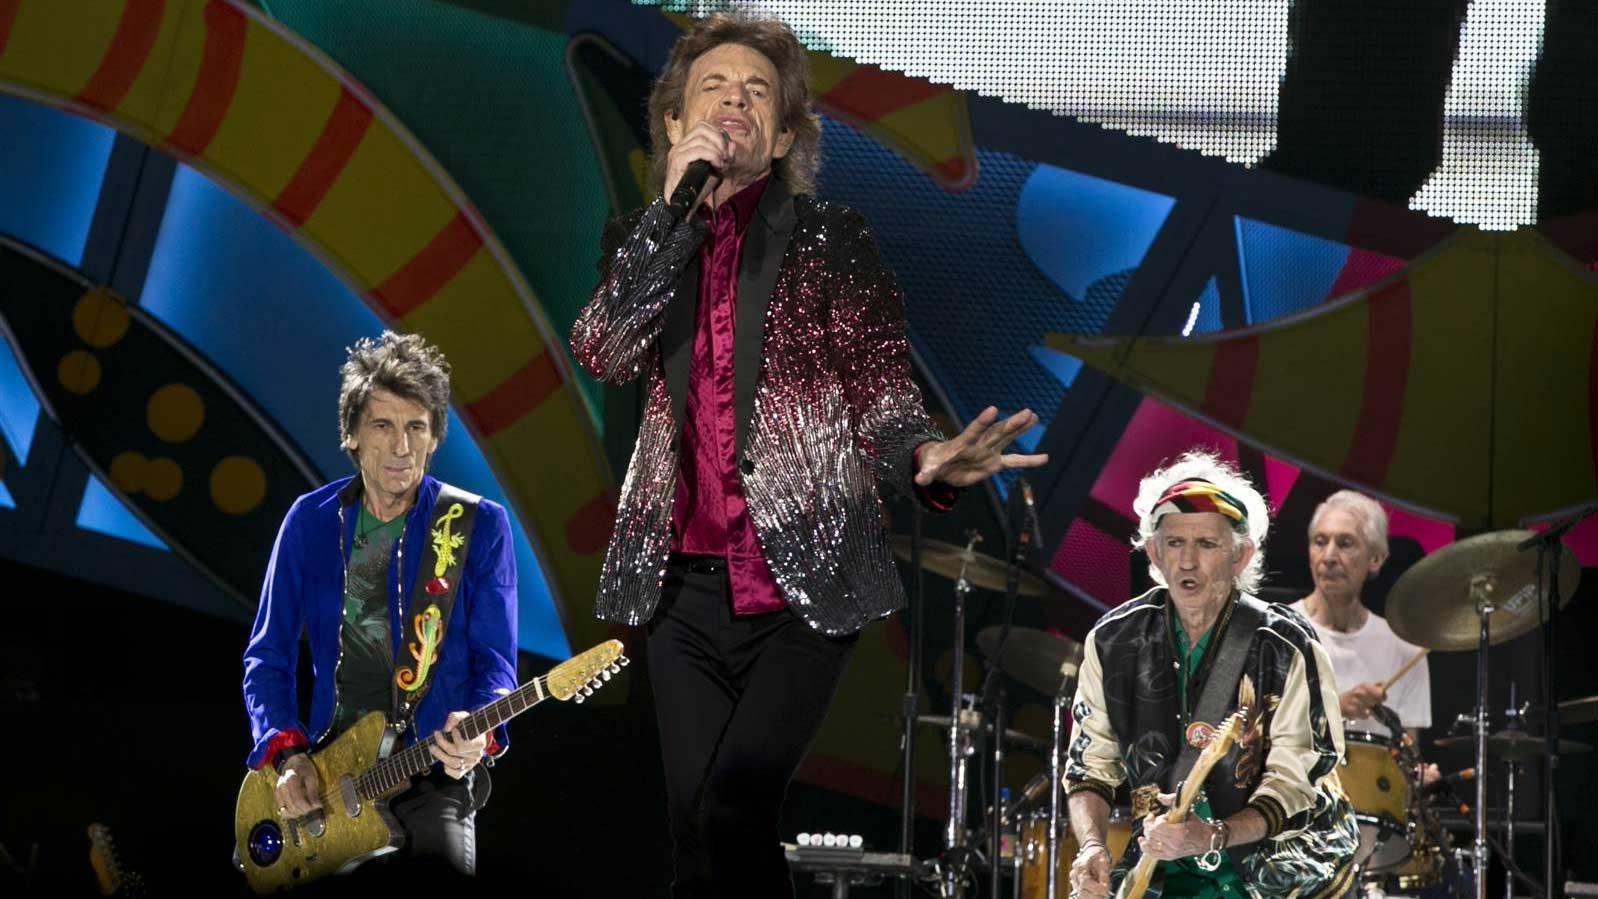 The Rolling Stone perform in Havana, Cuba. AP